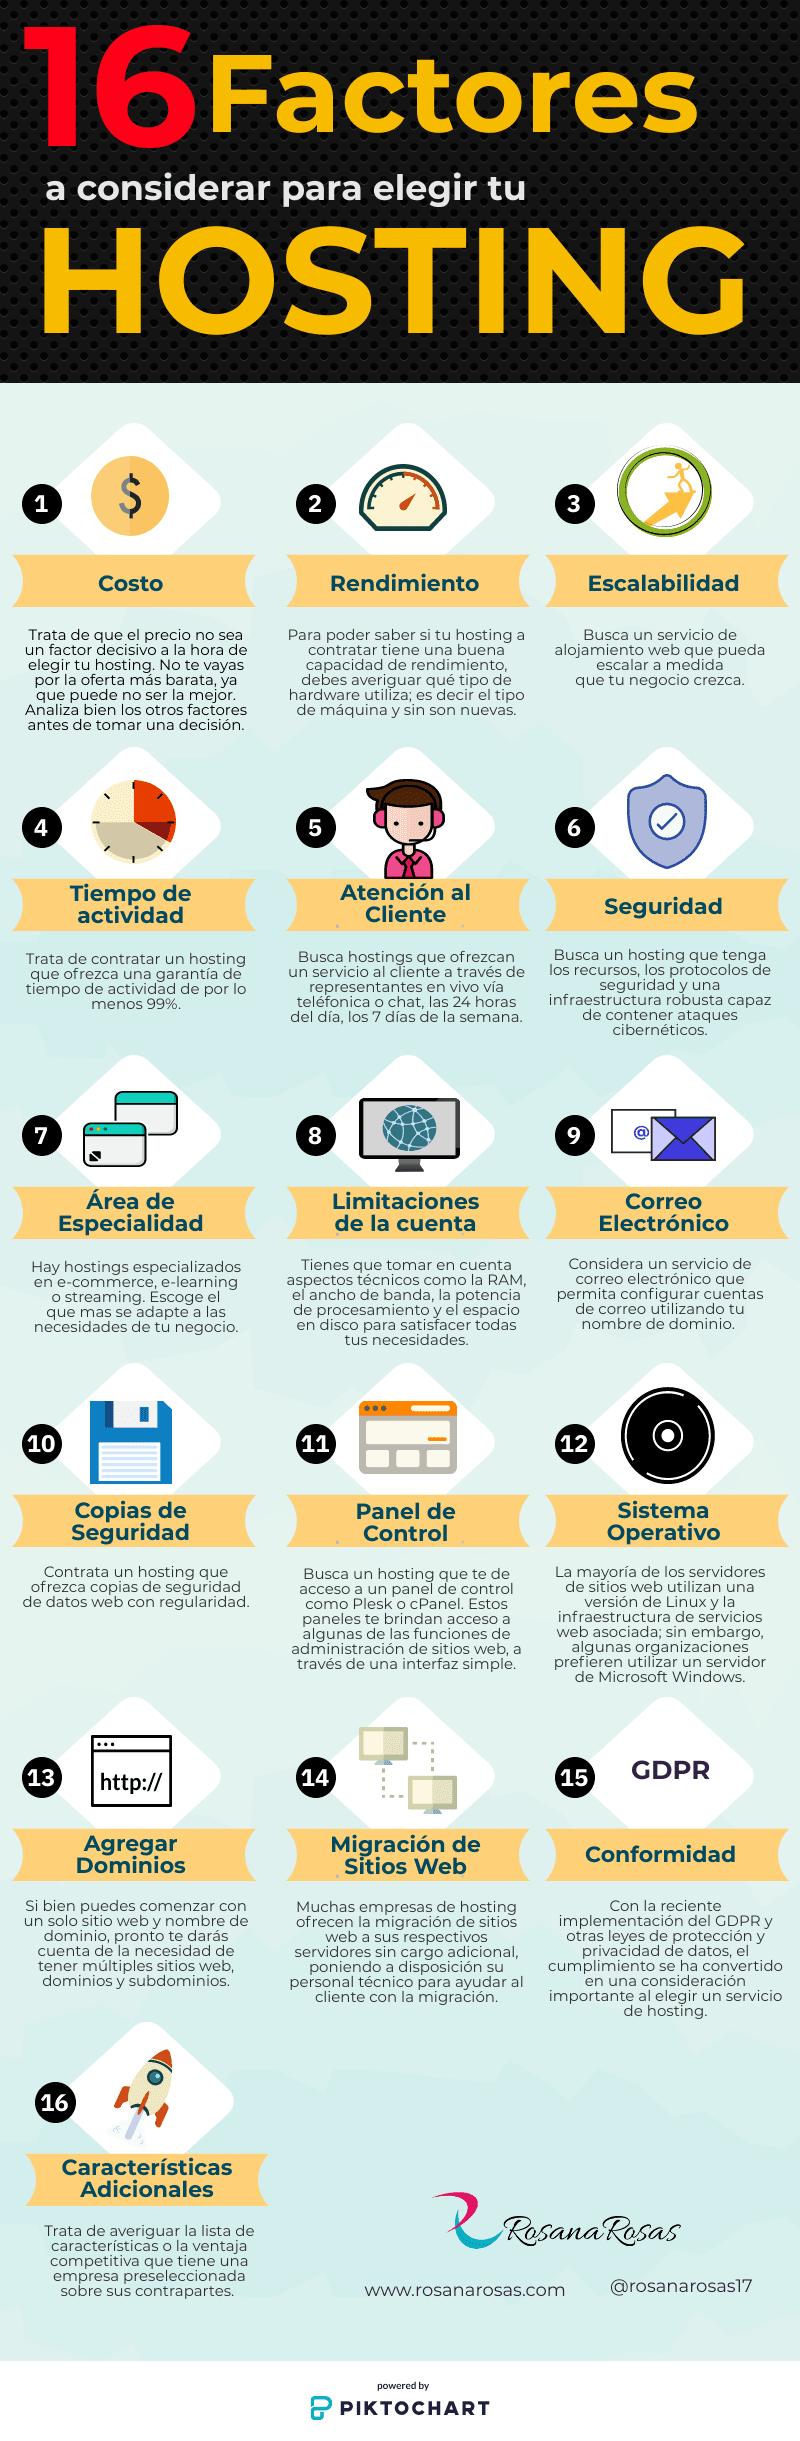 Infografia 16 Factores para elegir un hosting